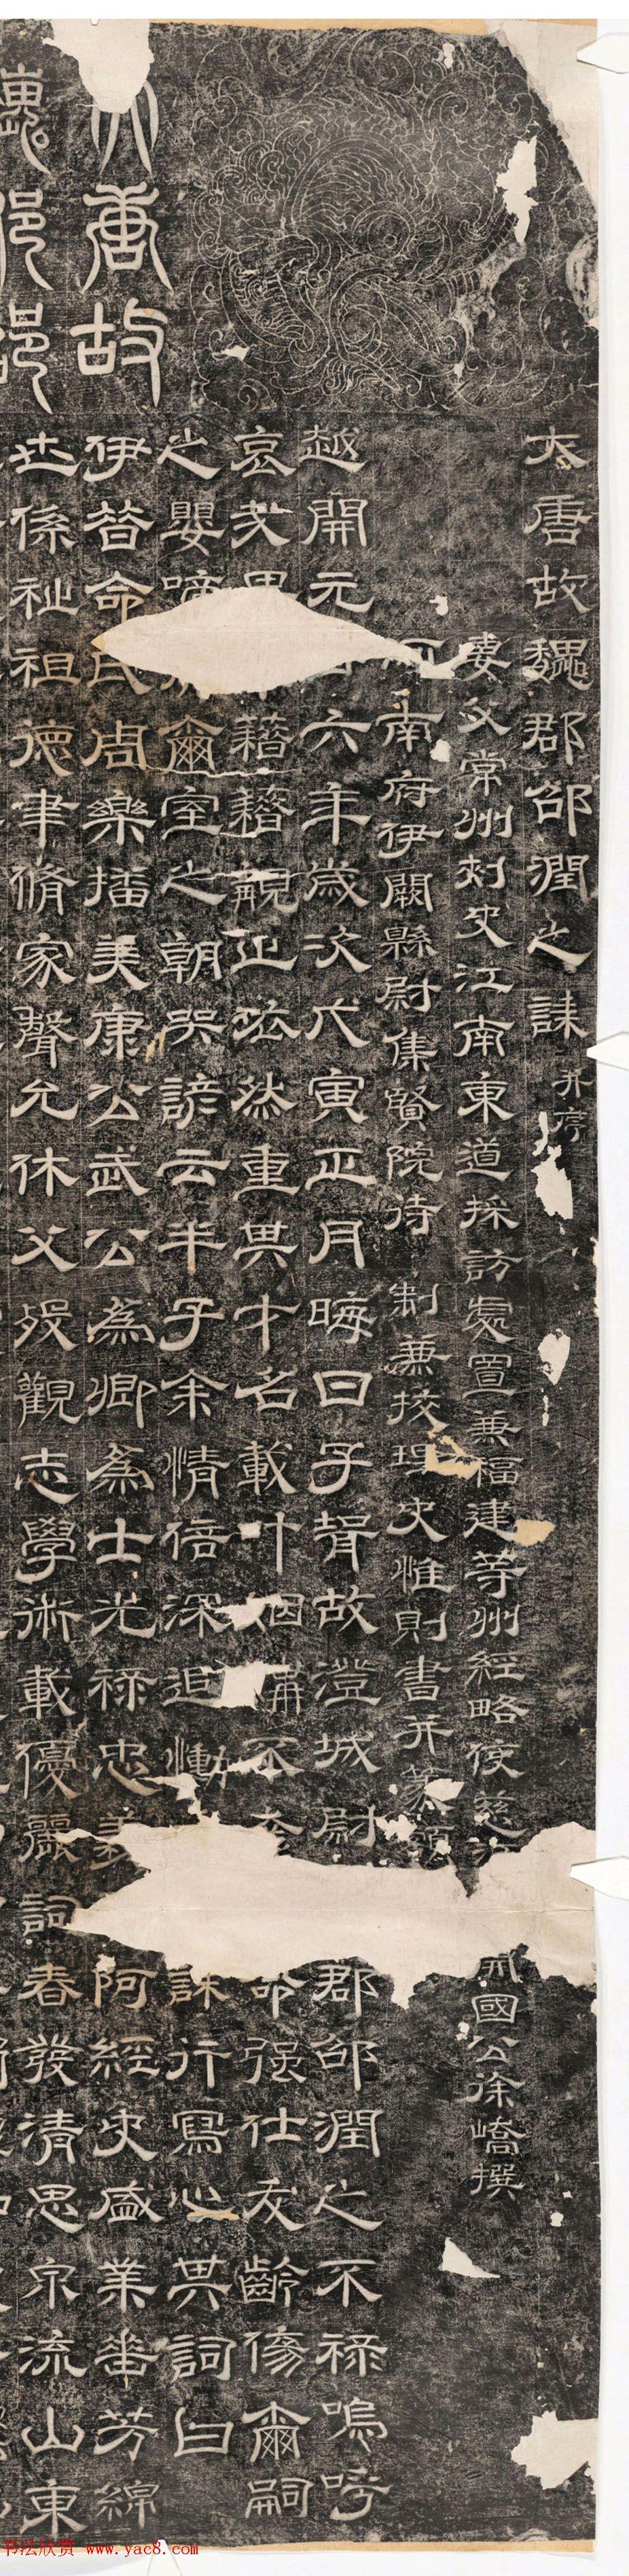 唐朝著名书法家史惟则隶书《邵润之诔并序》